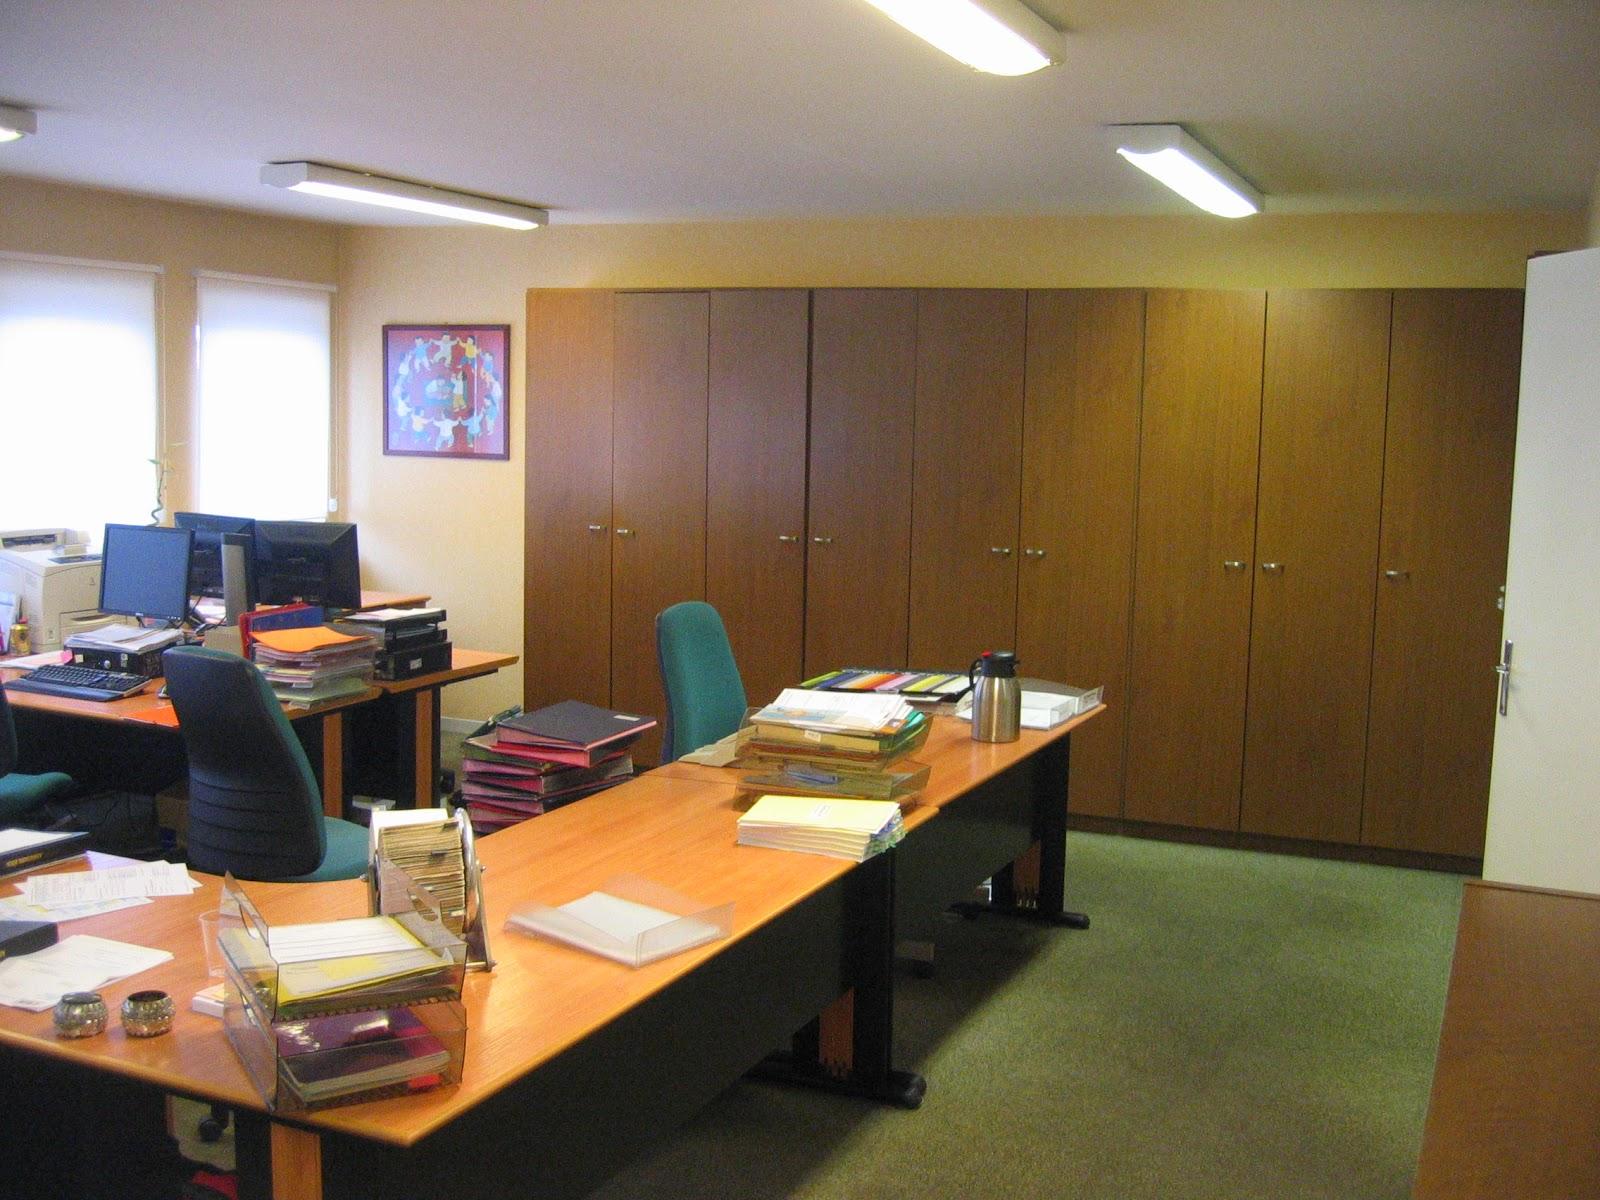 jacques lenain architecte lille renovation des bureaux d accueil du cabinet revigestion a